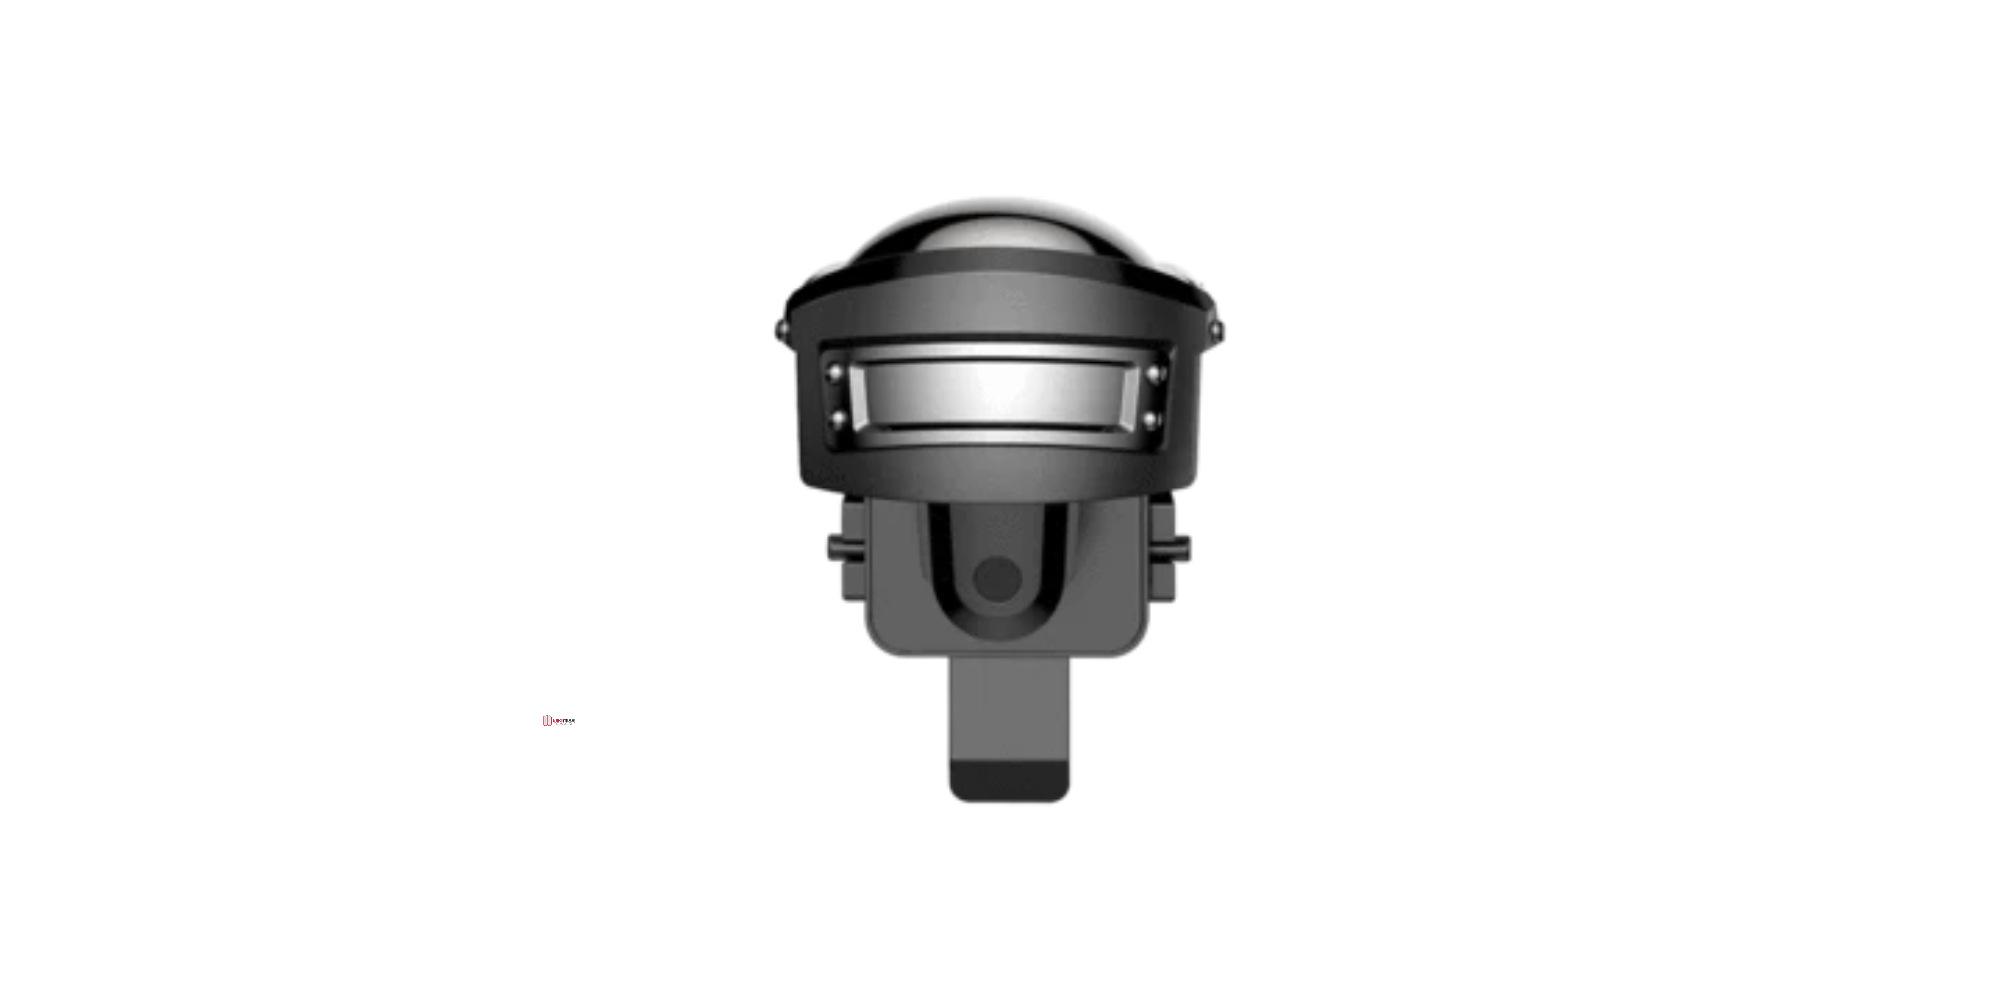 أزرار التصويب Baseus Level 3 Helmet PUBG Gadget GA03